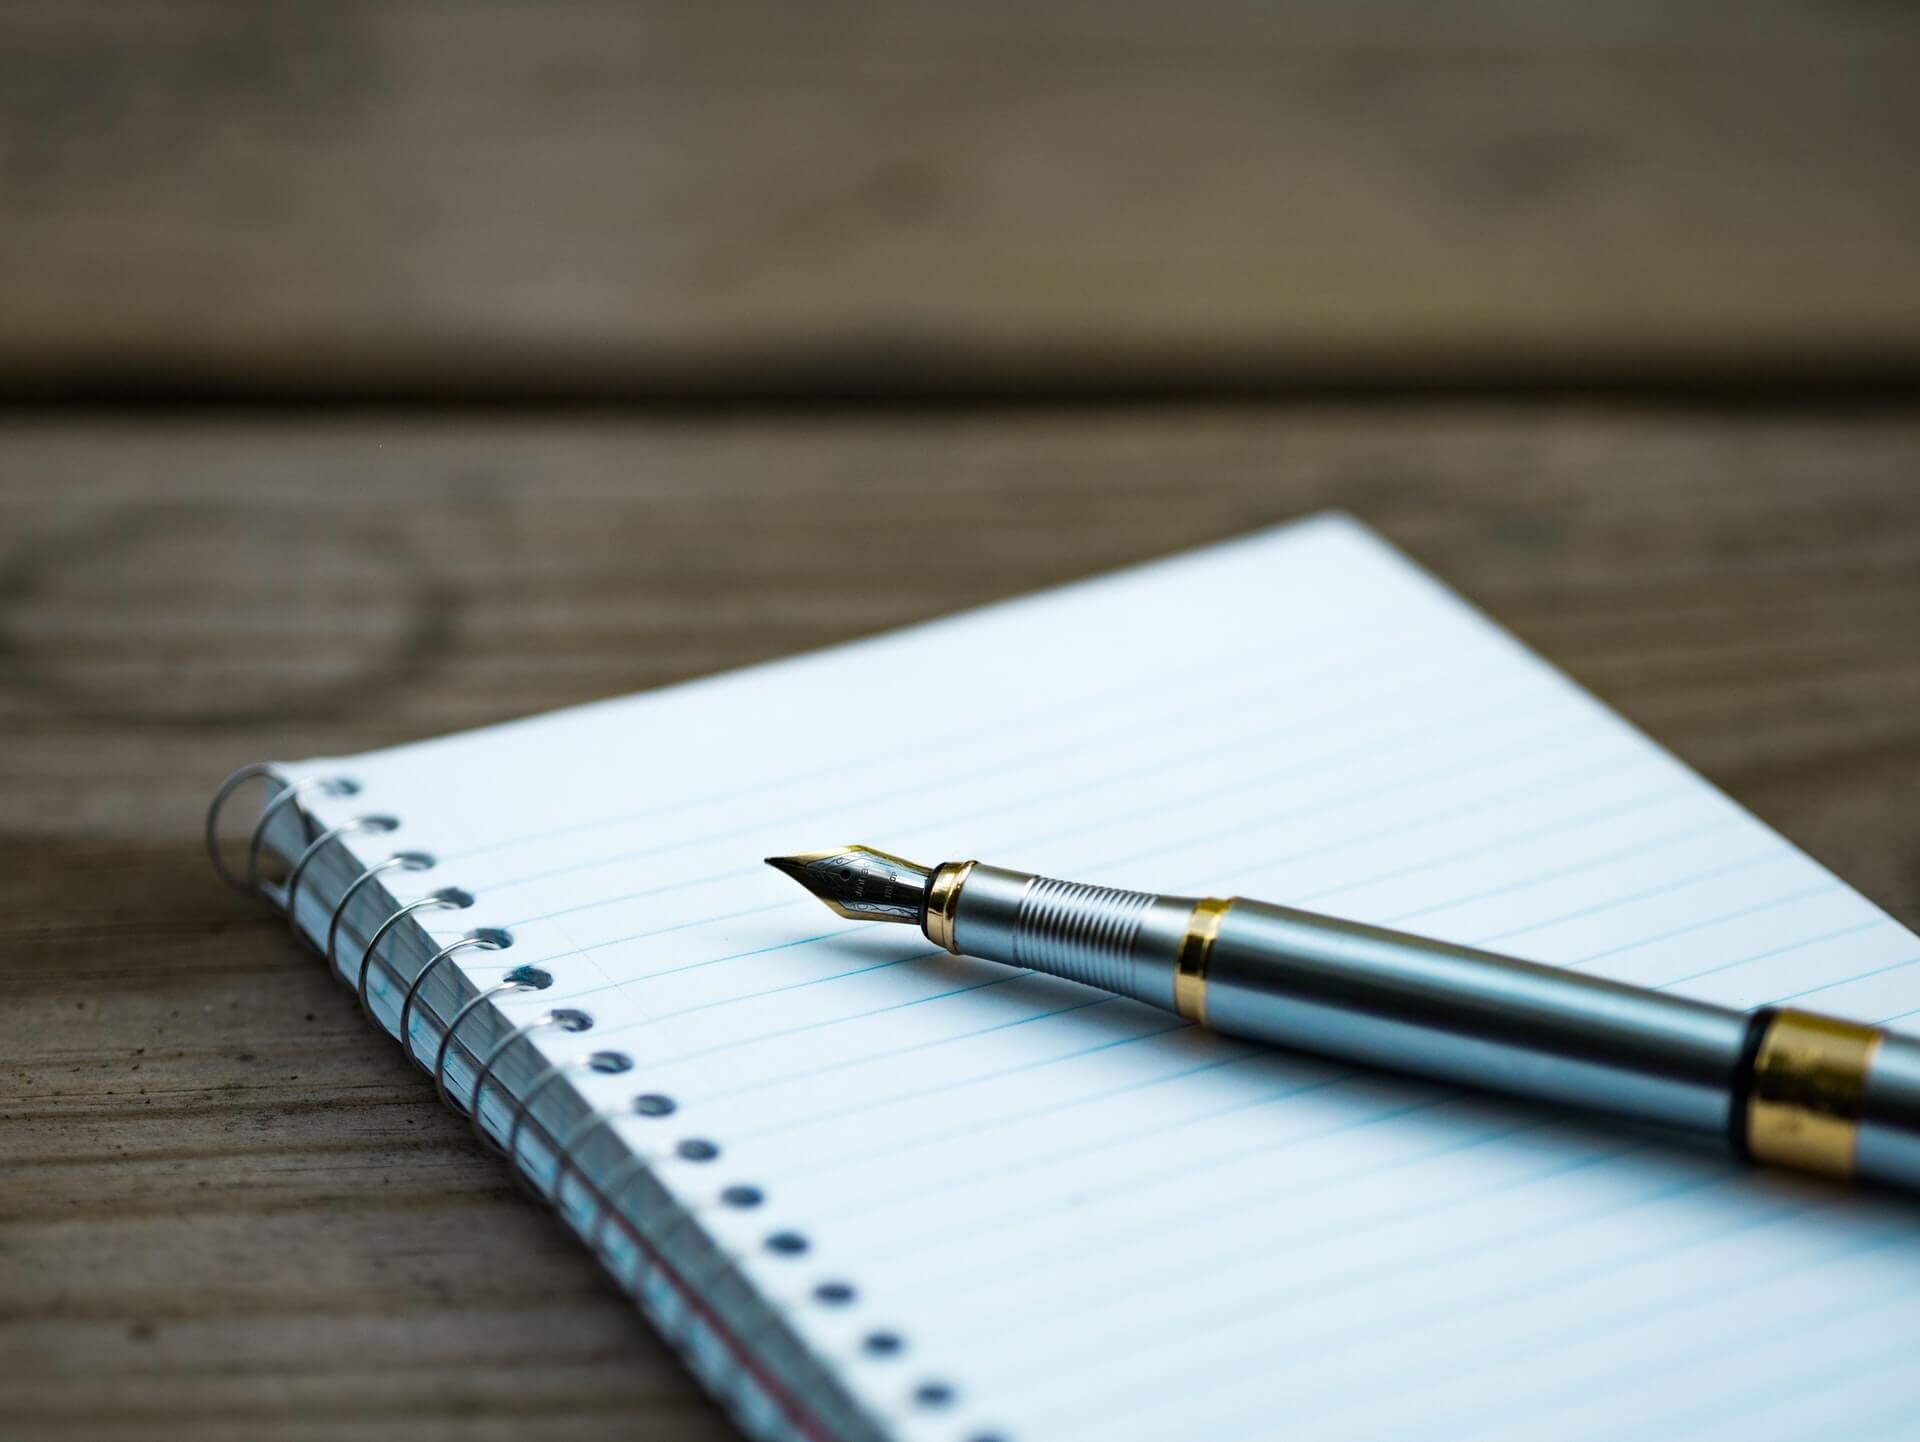 Bolígrafo sobre cuaderno - Este artículo habla sobre el proyecto dignidad de los republicanos y sus diferencias con la propuesta demócrata